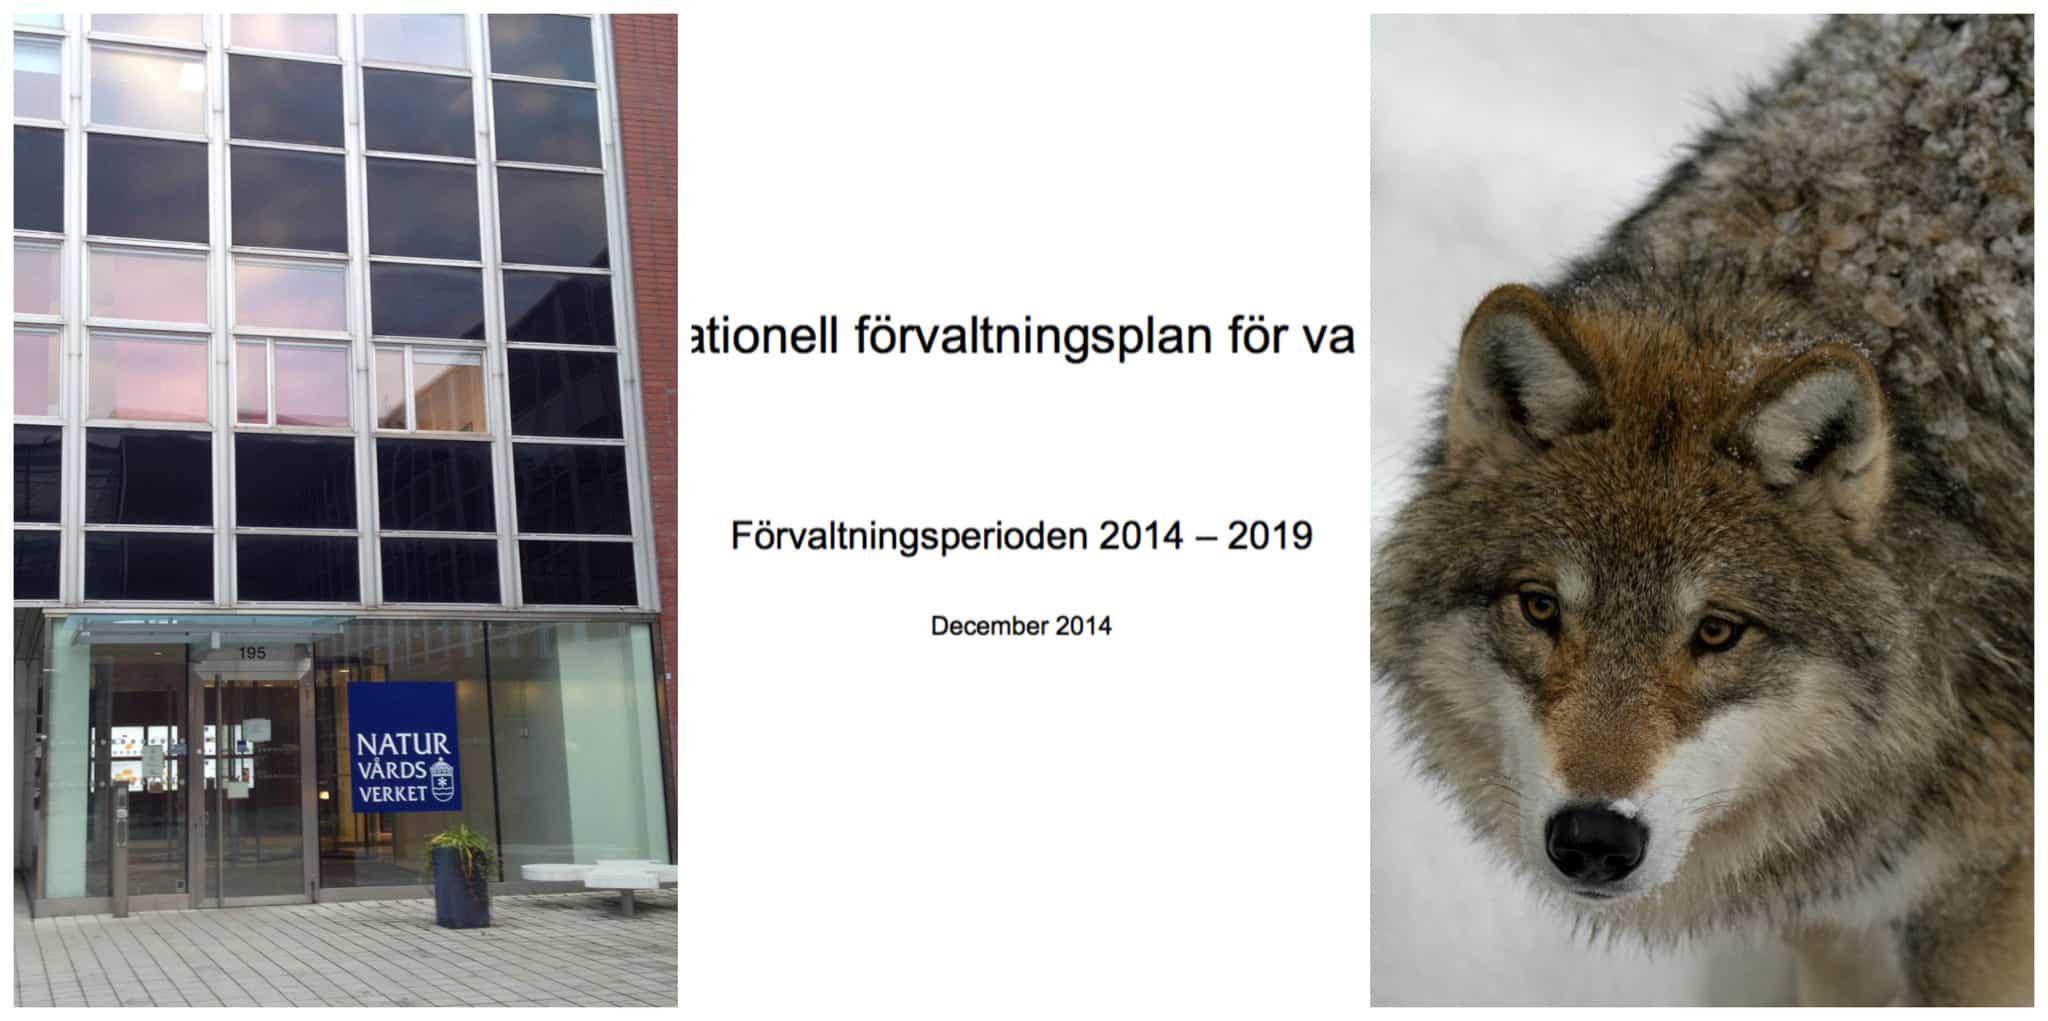 Elva av tolv mål har Naturvårdsverket misslyckats med i sin förvaltningsplan av varg.